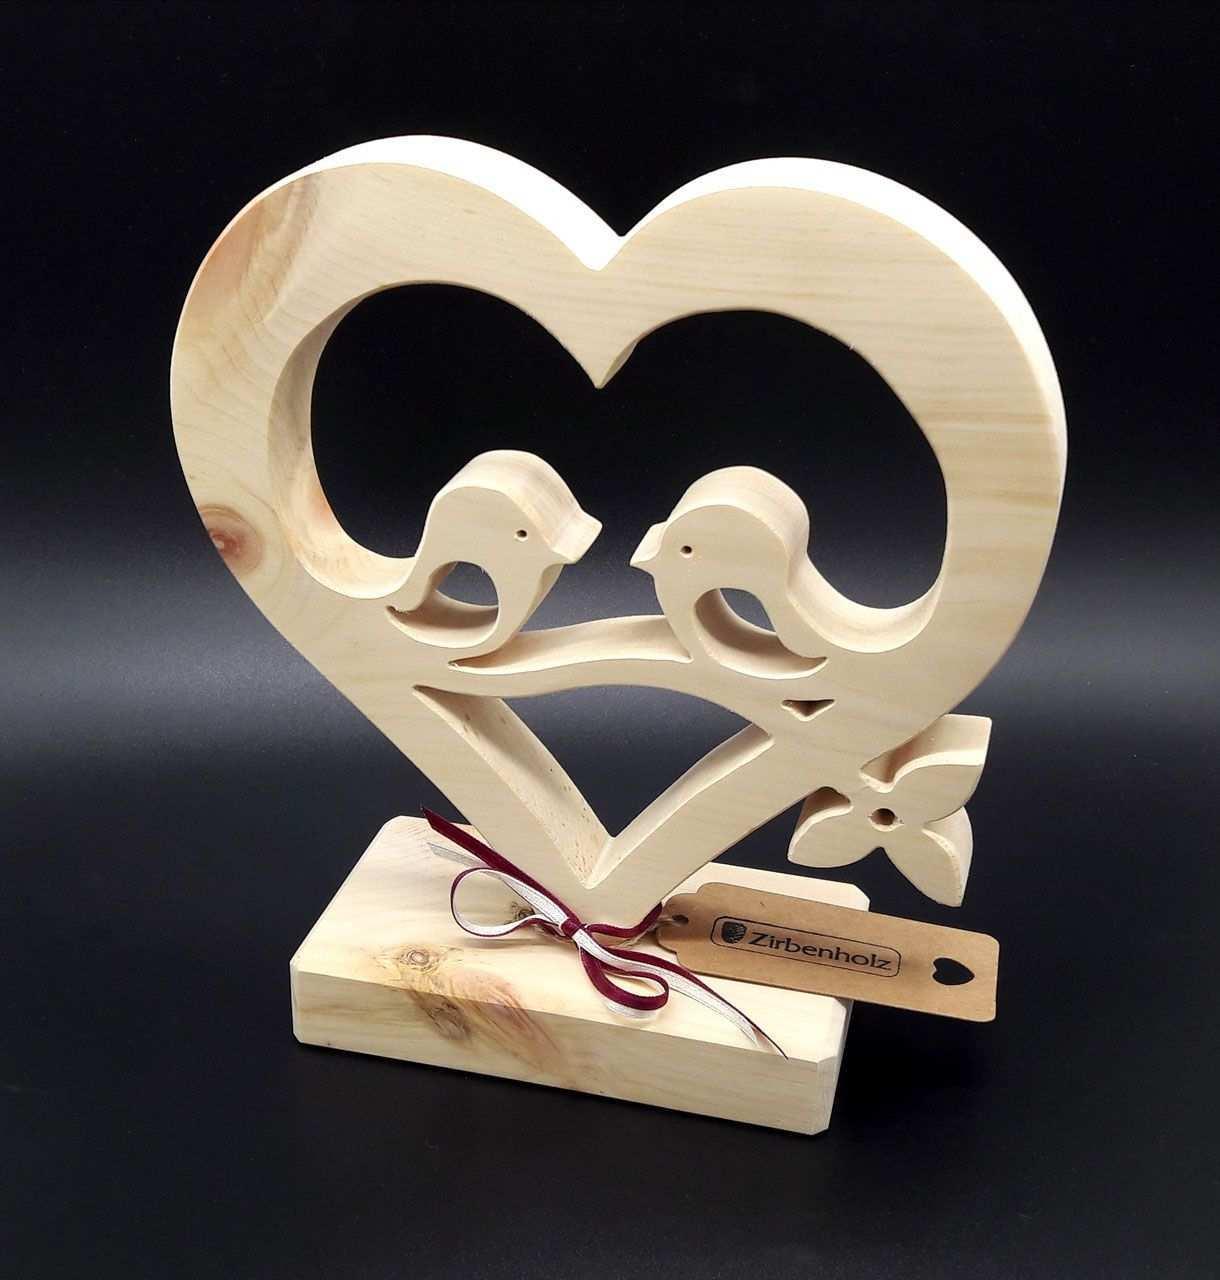 Herz Mit Verliebte Vogel Aus Zirbenholz Zum Muttertag Hochzeit Verlobung Oder Fur Geschenke Aus Holz Hochzeitsgeschenke Holz Originelle Hochzeitsgeschenke